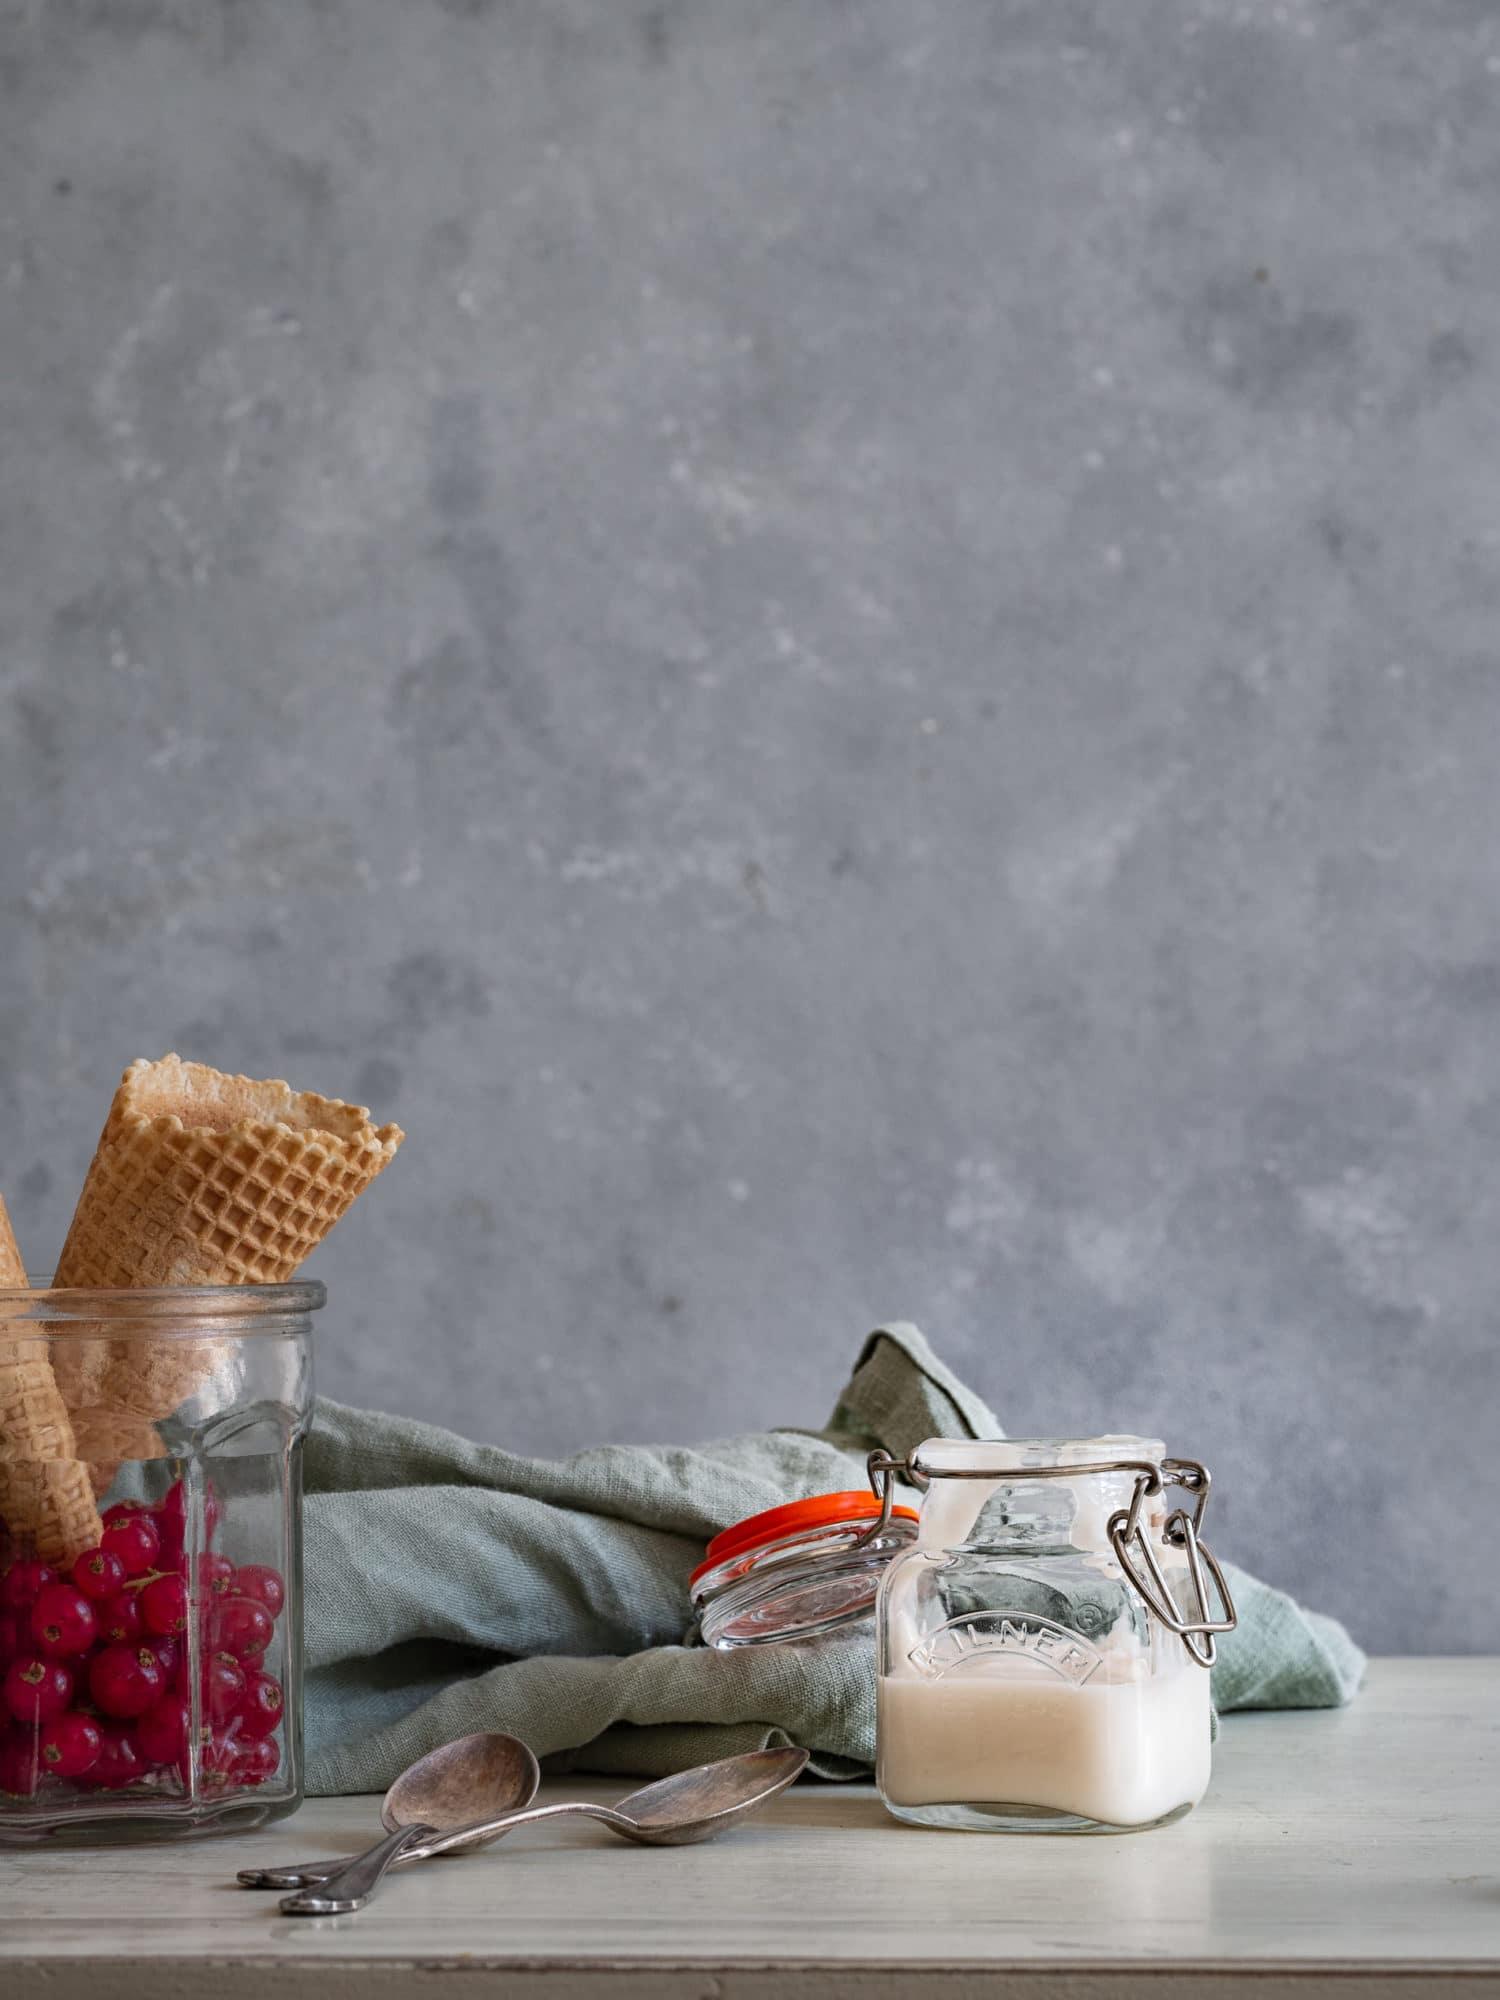 selbst gemachtes Cashew Joghurt für Frozen Joghurt